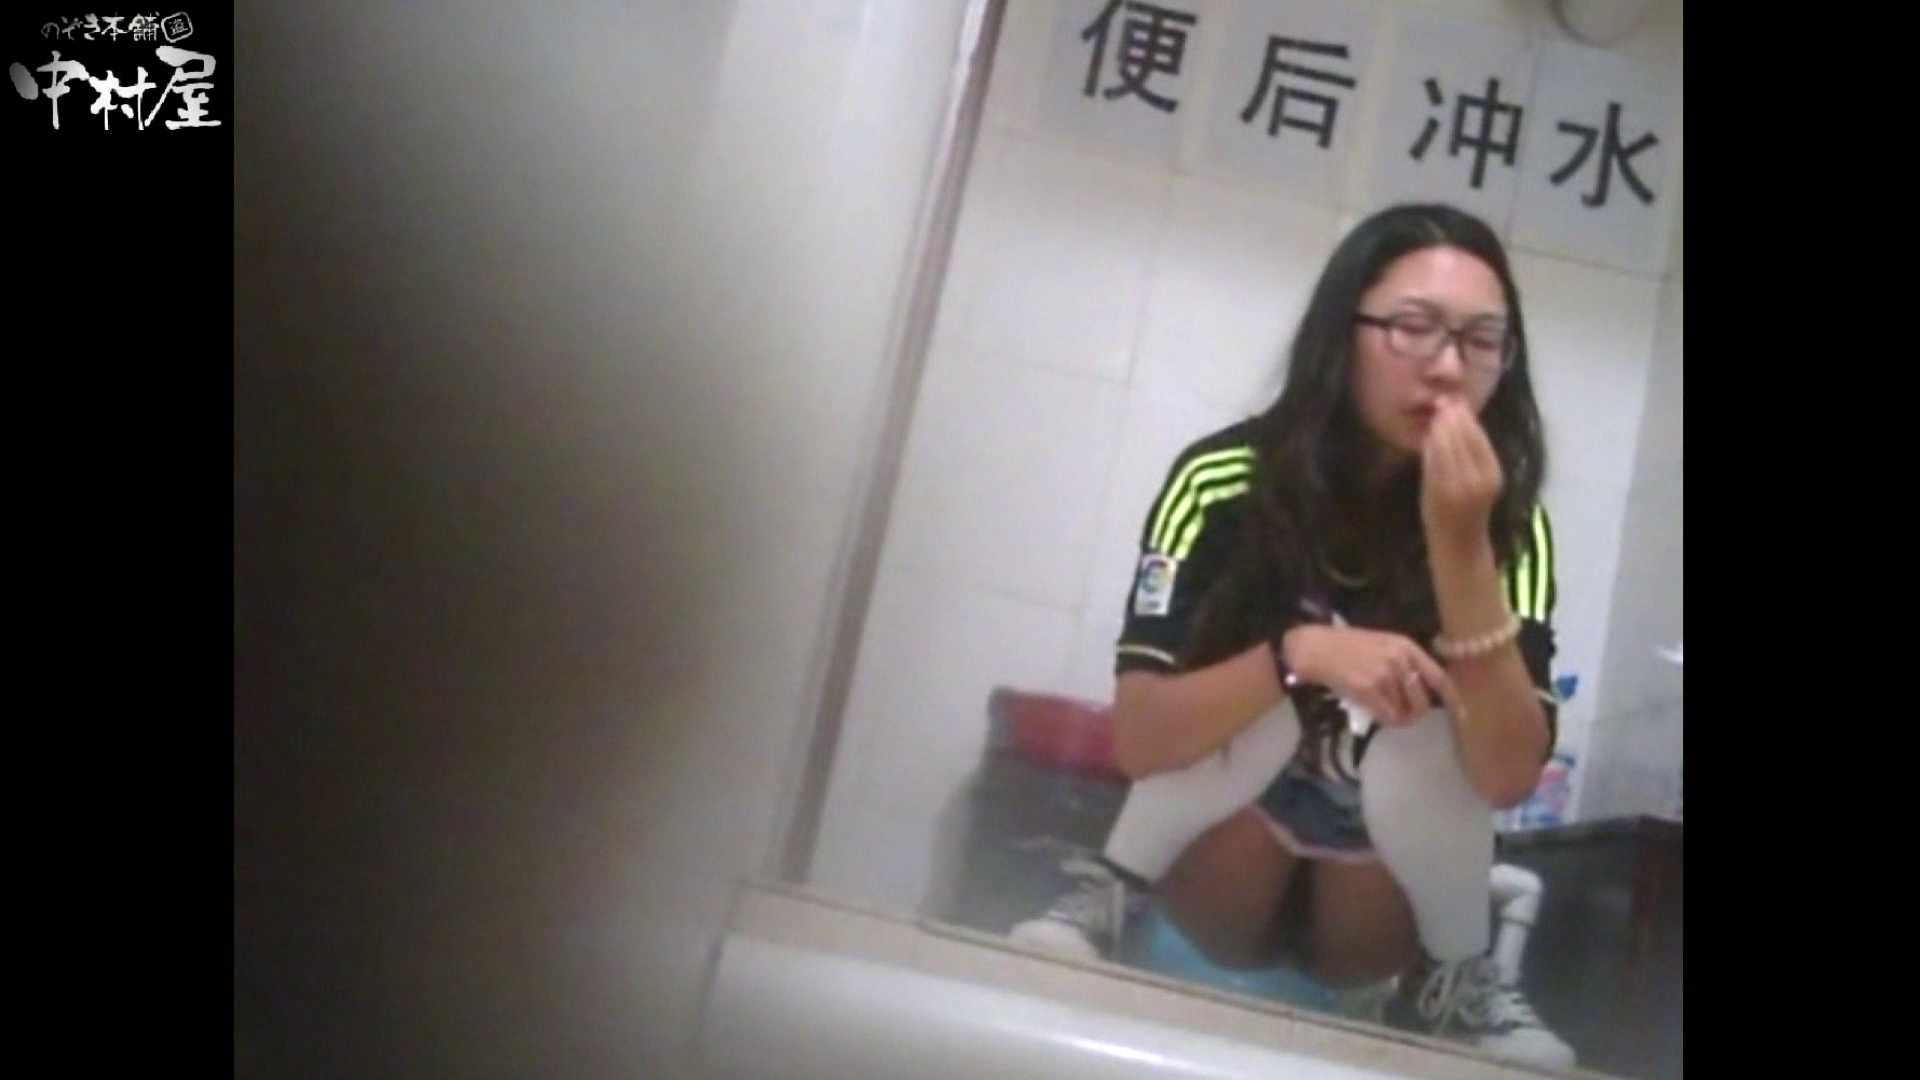 李さんの盗撮日記 Vol.13 トイレ | ギャルのエロ動画 盗撮 93PIX 5